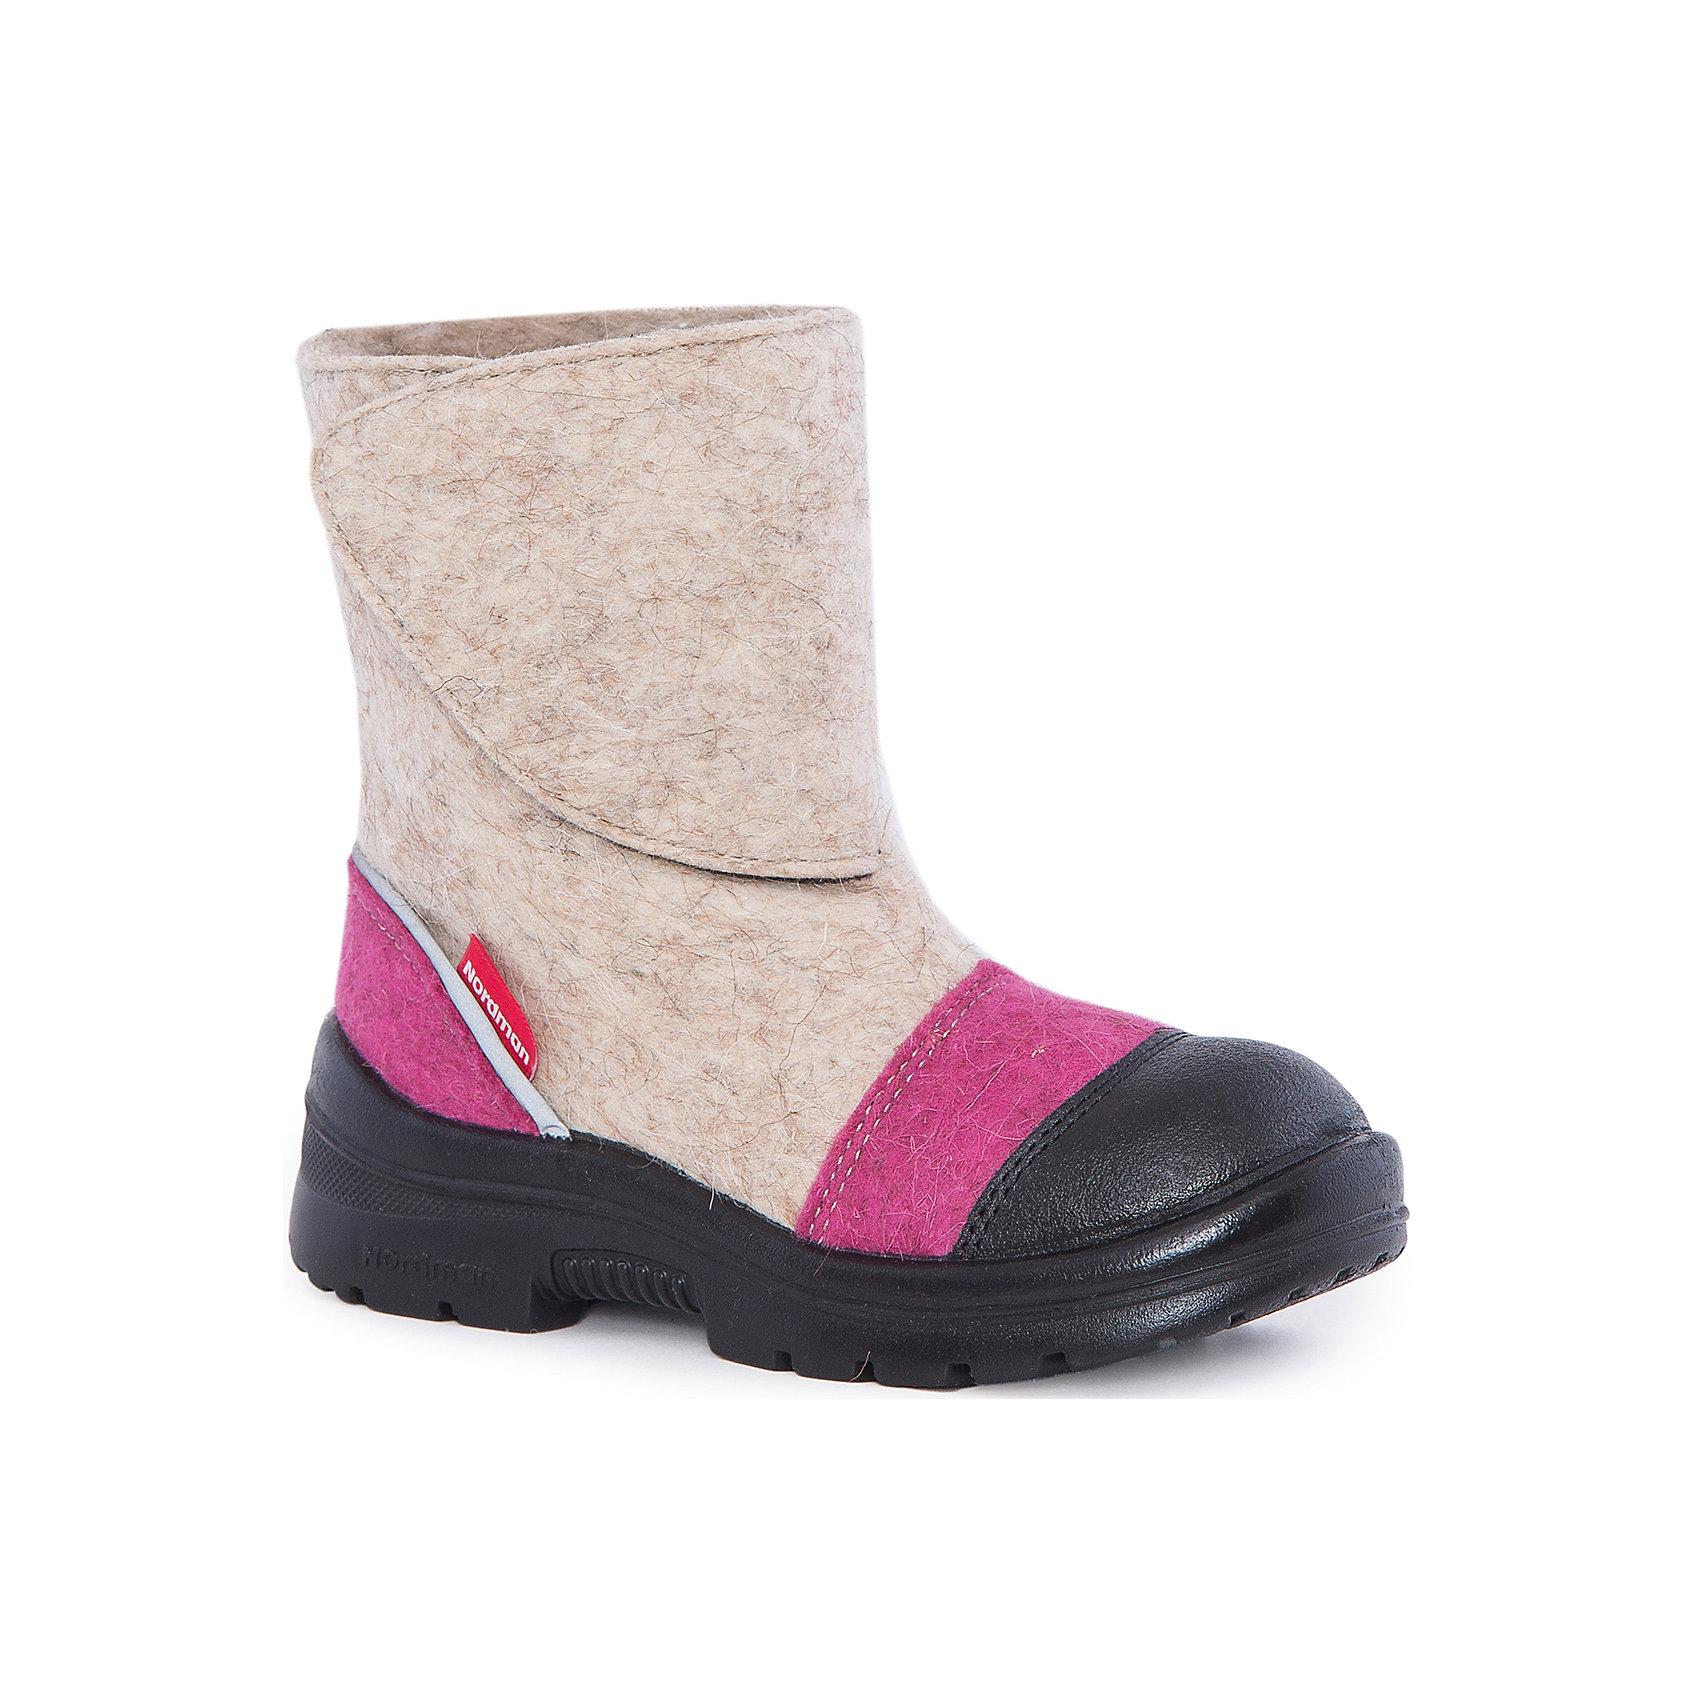 Валенки для девочки NordmanХарактеристики товара:<br><br>• цвет: бежевый<br>• материал верха: войлок<br>• материал подкладки: мех<br>• материал подошвы: полиуретан<br>• подошва не скользит<br>• застежка: липучка<br>• температурный режим: от -30° до +5° С<br>• защита пятки и носка (кожа)<br>• толстая устойчивая подошва<br>• низ не промокает<br>• страна бренда: Российская Федерация<br>• страна изготовитель: Российская Федерация<br><br>При выборе зимней обуви для ребенка необходимо убедиться, что она удобная и теплая. Такие симпатичные валенки обеспечат детям комфорт даже в сильный мороз, а непромокающая нижняя часть  оставит ножки в сухости. Валенки легко снимаются и надеваются, хорошо сидят на ноге. Внутри - специальная теплая подкладка, с которой холода не страшны!<br>Обувь от бренда Nordman - это качественные российские товары, произведенные с применением как натуральных, так и высокотехнологичных материалов. Обувь выделяется стильным дизайном и проработанными деталями. Полностью адаптирована под российскую погоду! Изделие производится из качественных и проверенных материалов, которые безопасны для детей.<br><br>Валенки от бренда Nordman можно купить в нашем интернет-магазине.<br><br>Ширина мм: 257<br>Глубина мм: 180<br>Высота мм: 130<br>Вес г: 420<br>Цвет: бежевый<br>Возраст от месяцев: 108<br>Возраст до месяцев: 120<br>Пол: Женский<br>Возраст: Детский<br>Размер: 33,35,32,34<br>SKU: 5219748